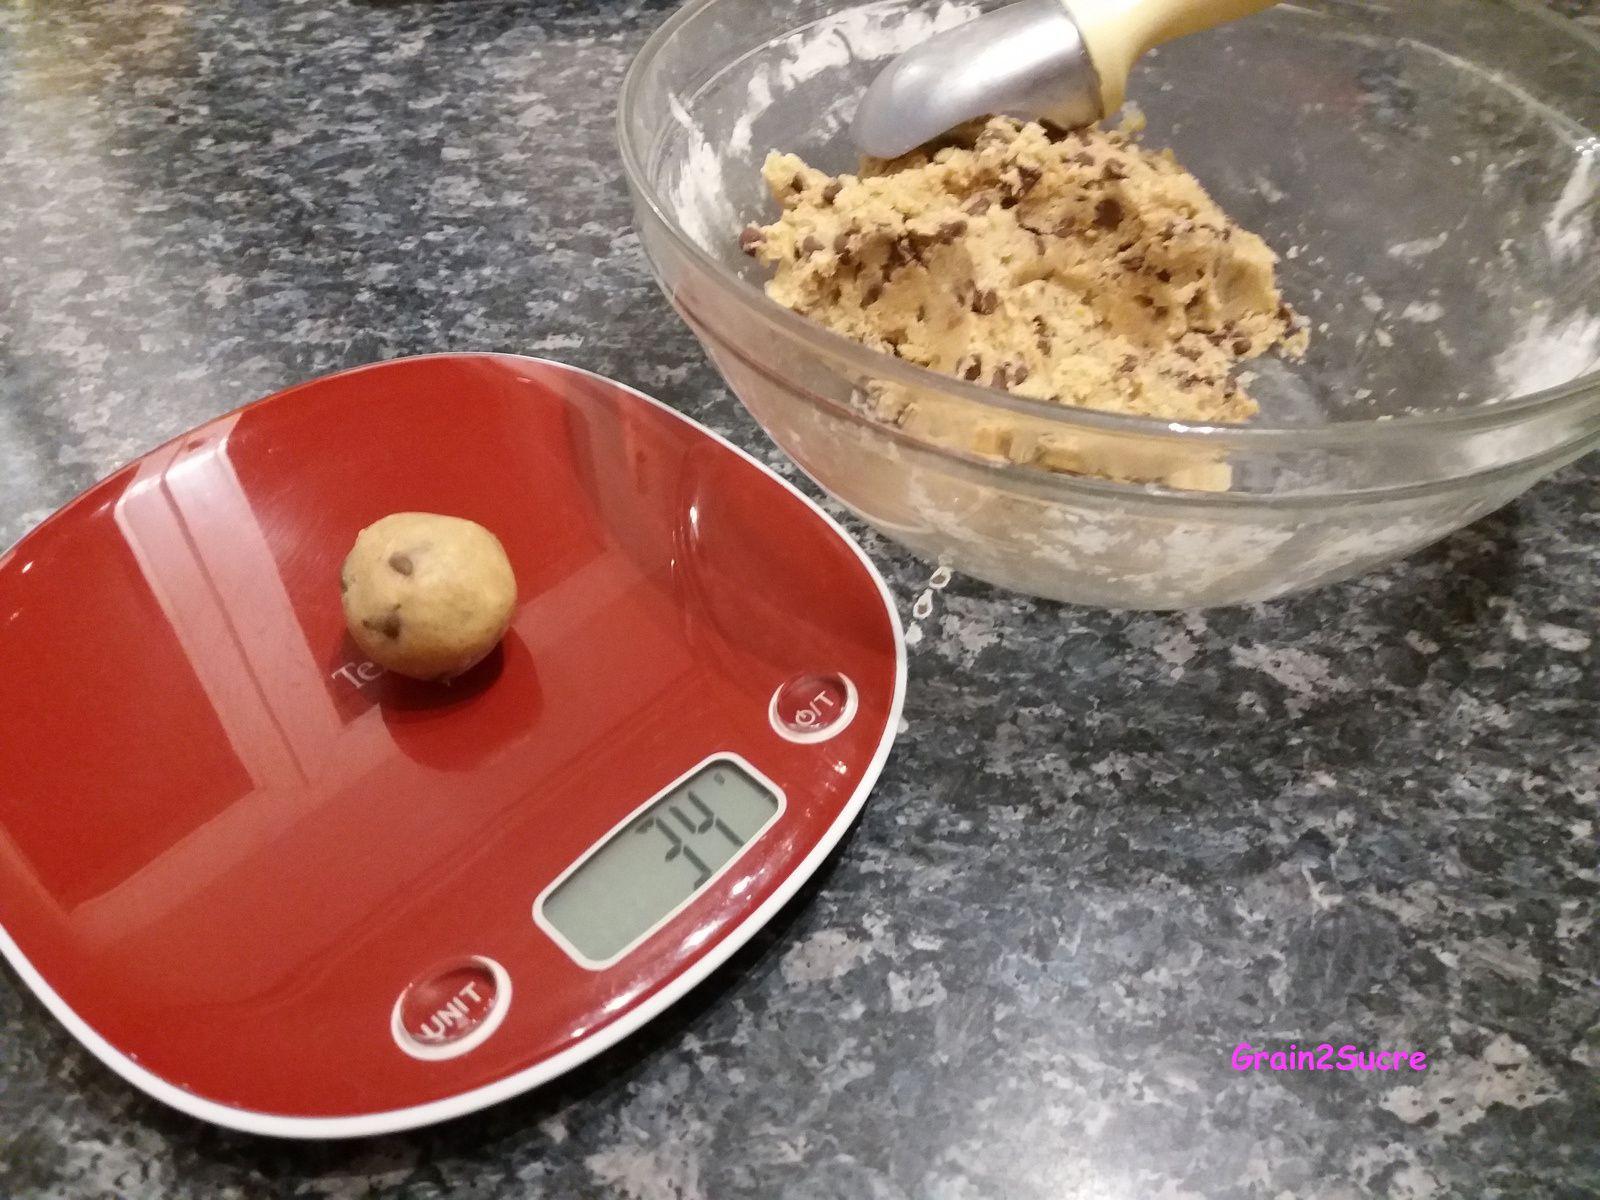 Recette Grain2Sucre. Cookies : farine, œuf, beurre, sucre, pépites de chocolat, noix...